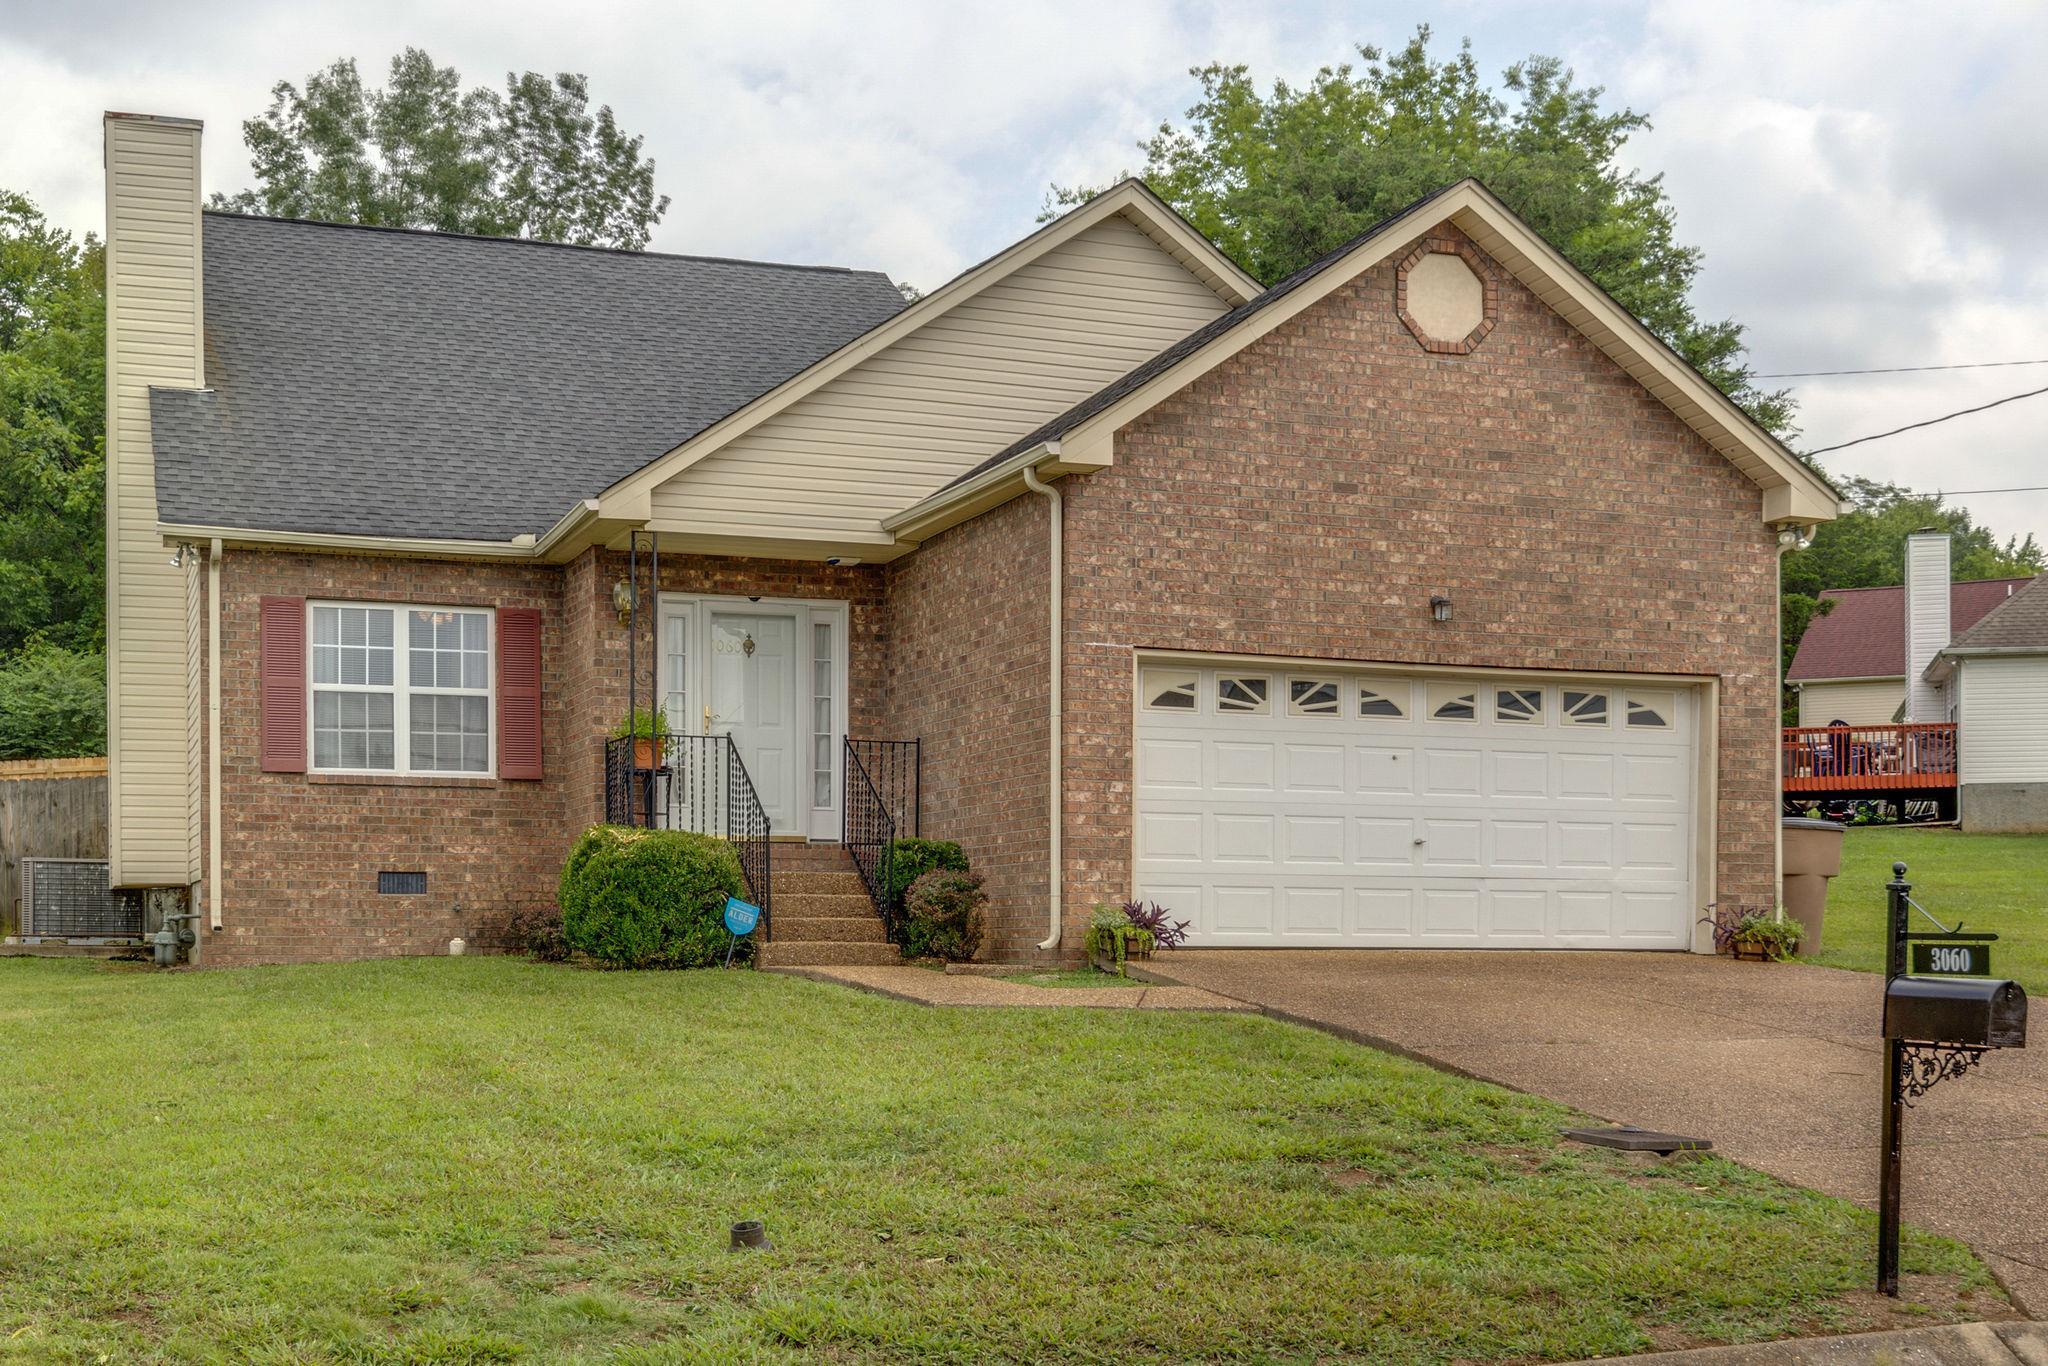 3060 Chateau Valley Dr, Nashville, TN 37207 - Nashville, TN real estate listing